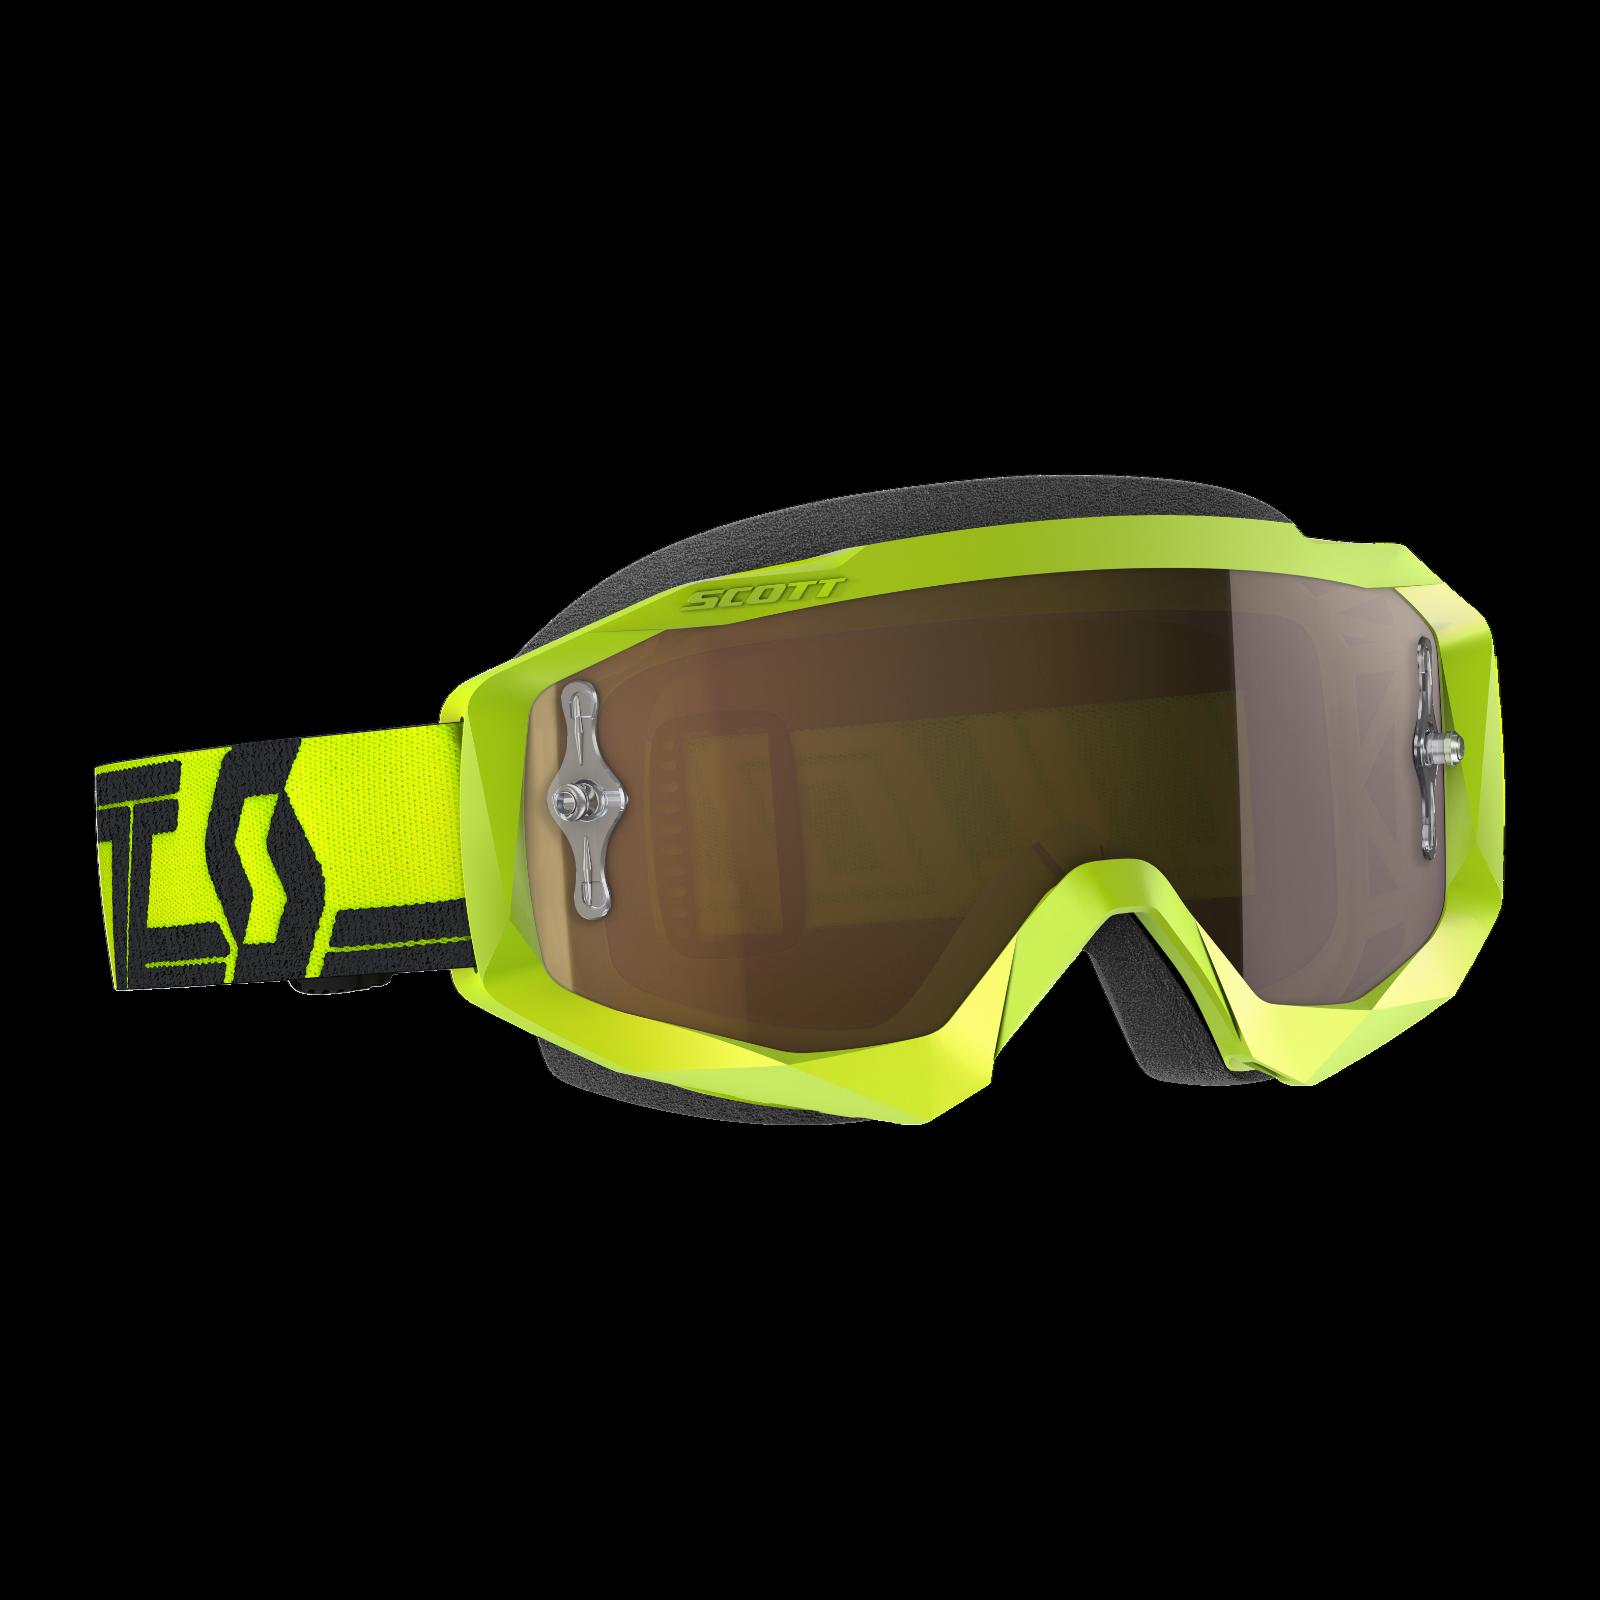 New 2019 SCOTT Hustle X Goggle w// Mirrored Lens Motocross Dirt Bike ATV MTB UTV